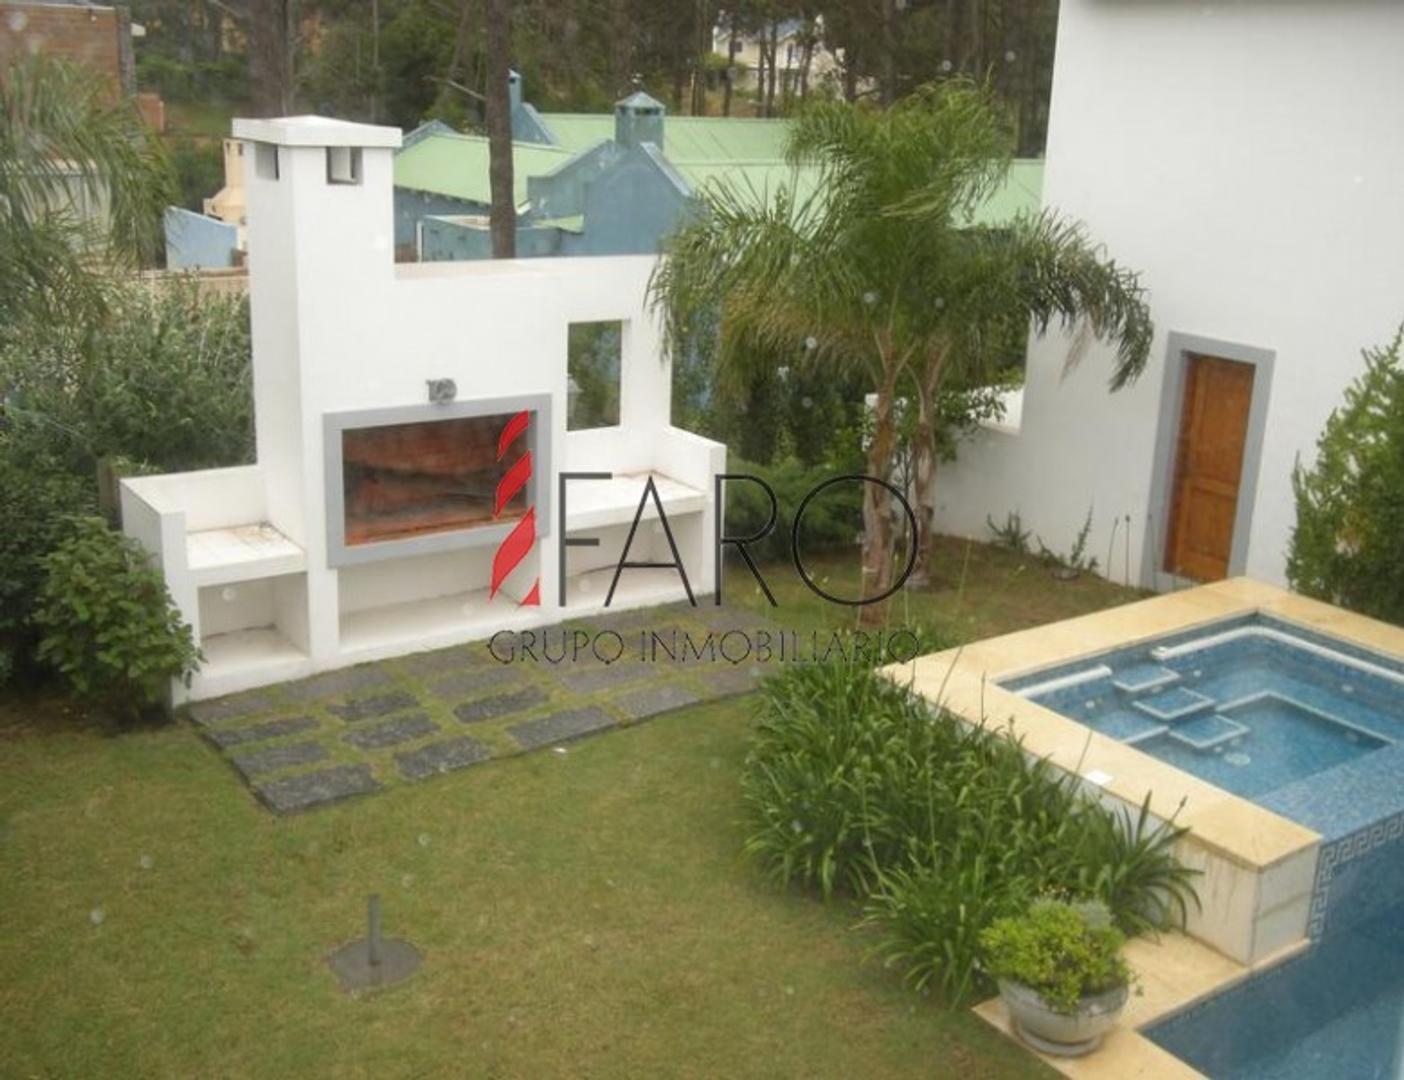 Casa - 500 m² | 5 dormitorios | 2019 años